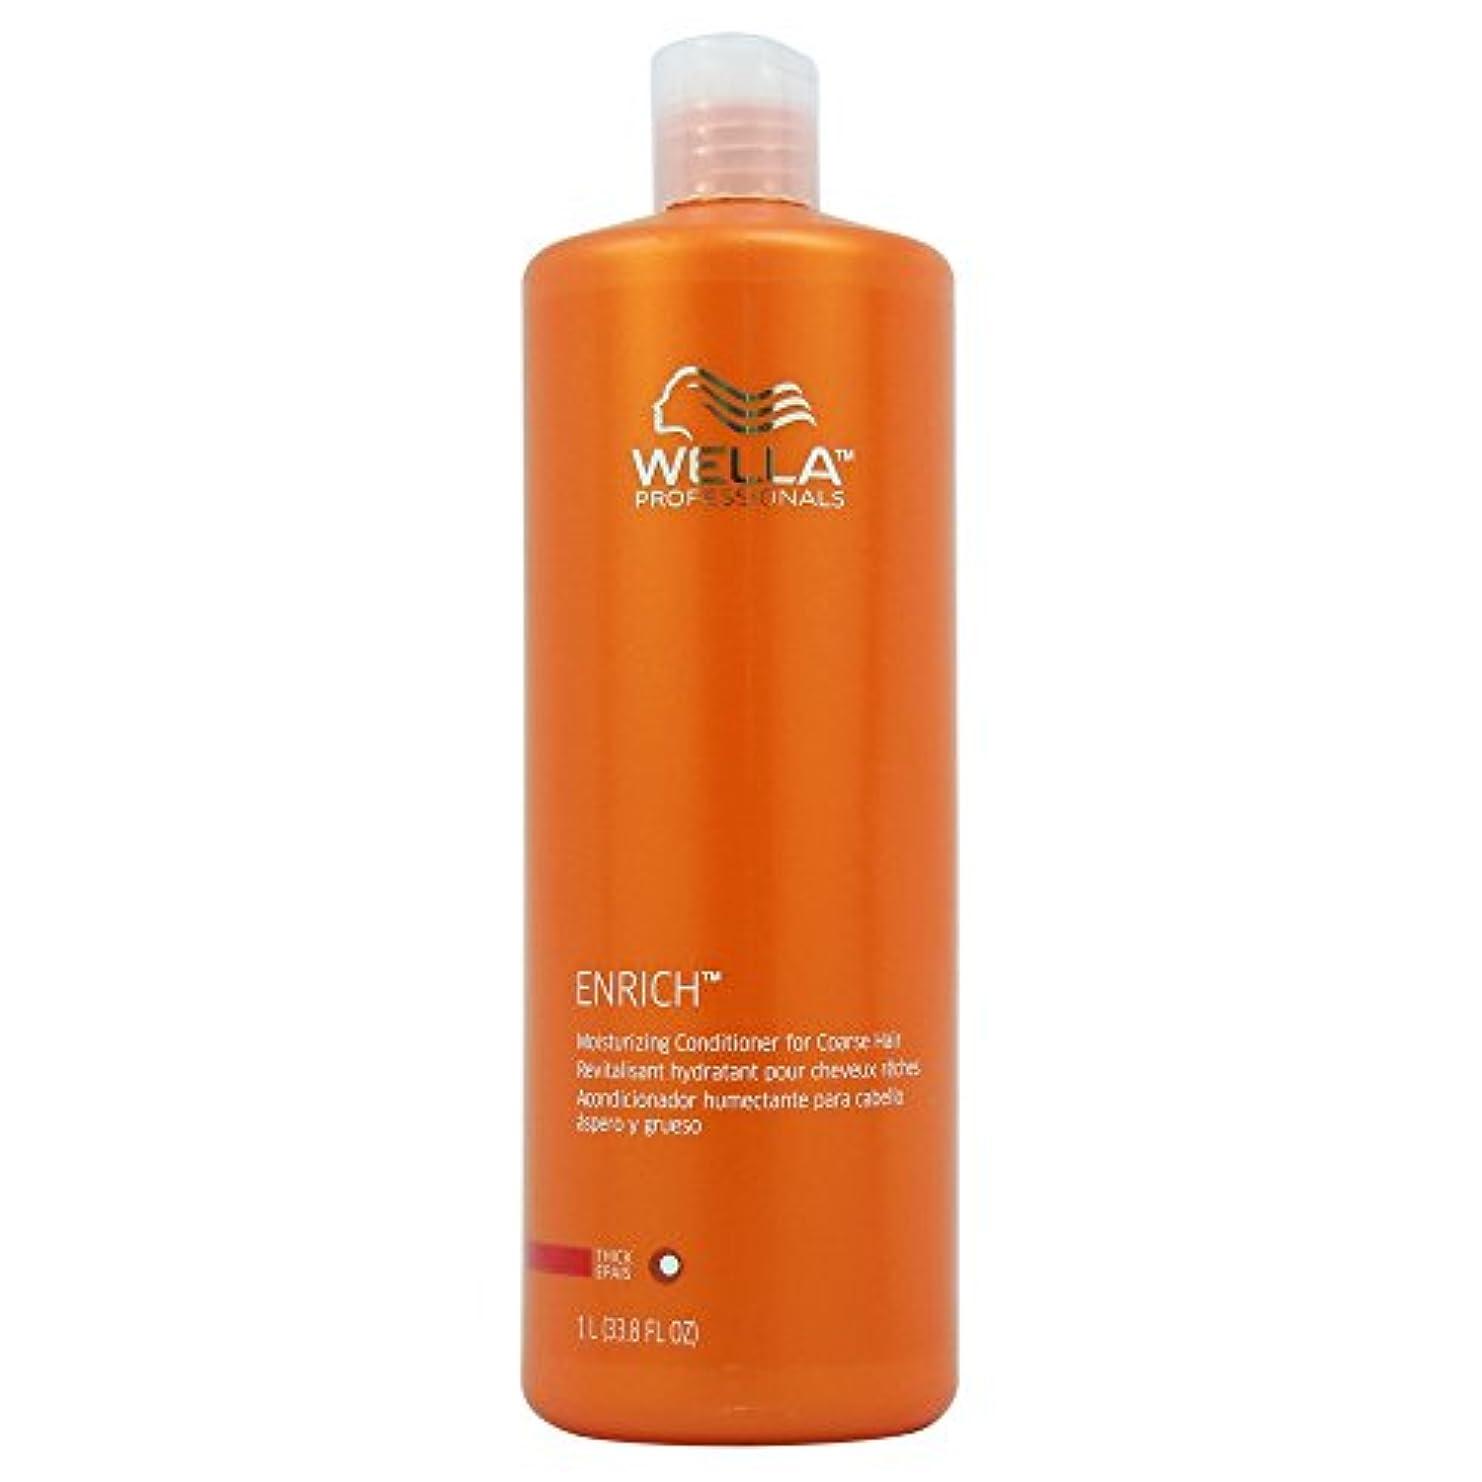 戦艦ペナルティ英語の授業がありますWella Enriched Moisturizing Conditioner for Coarse Hair for Unisex, 33.8 Ounce by Wella